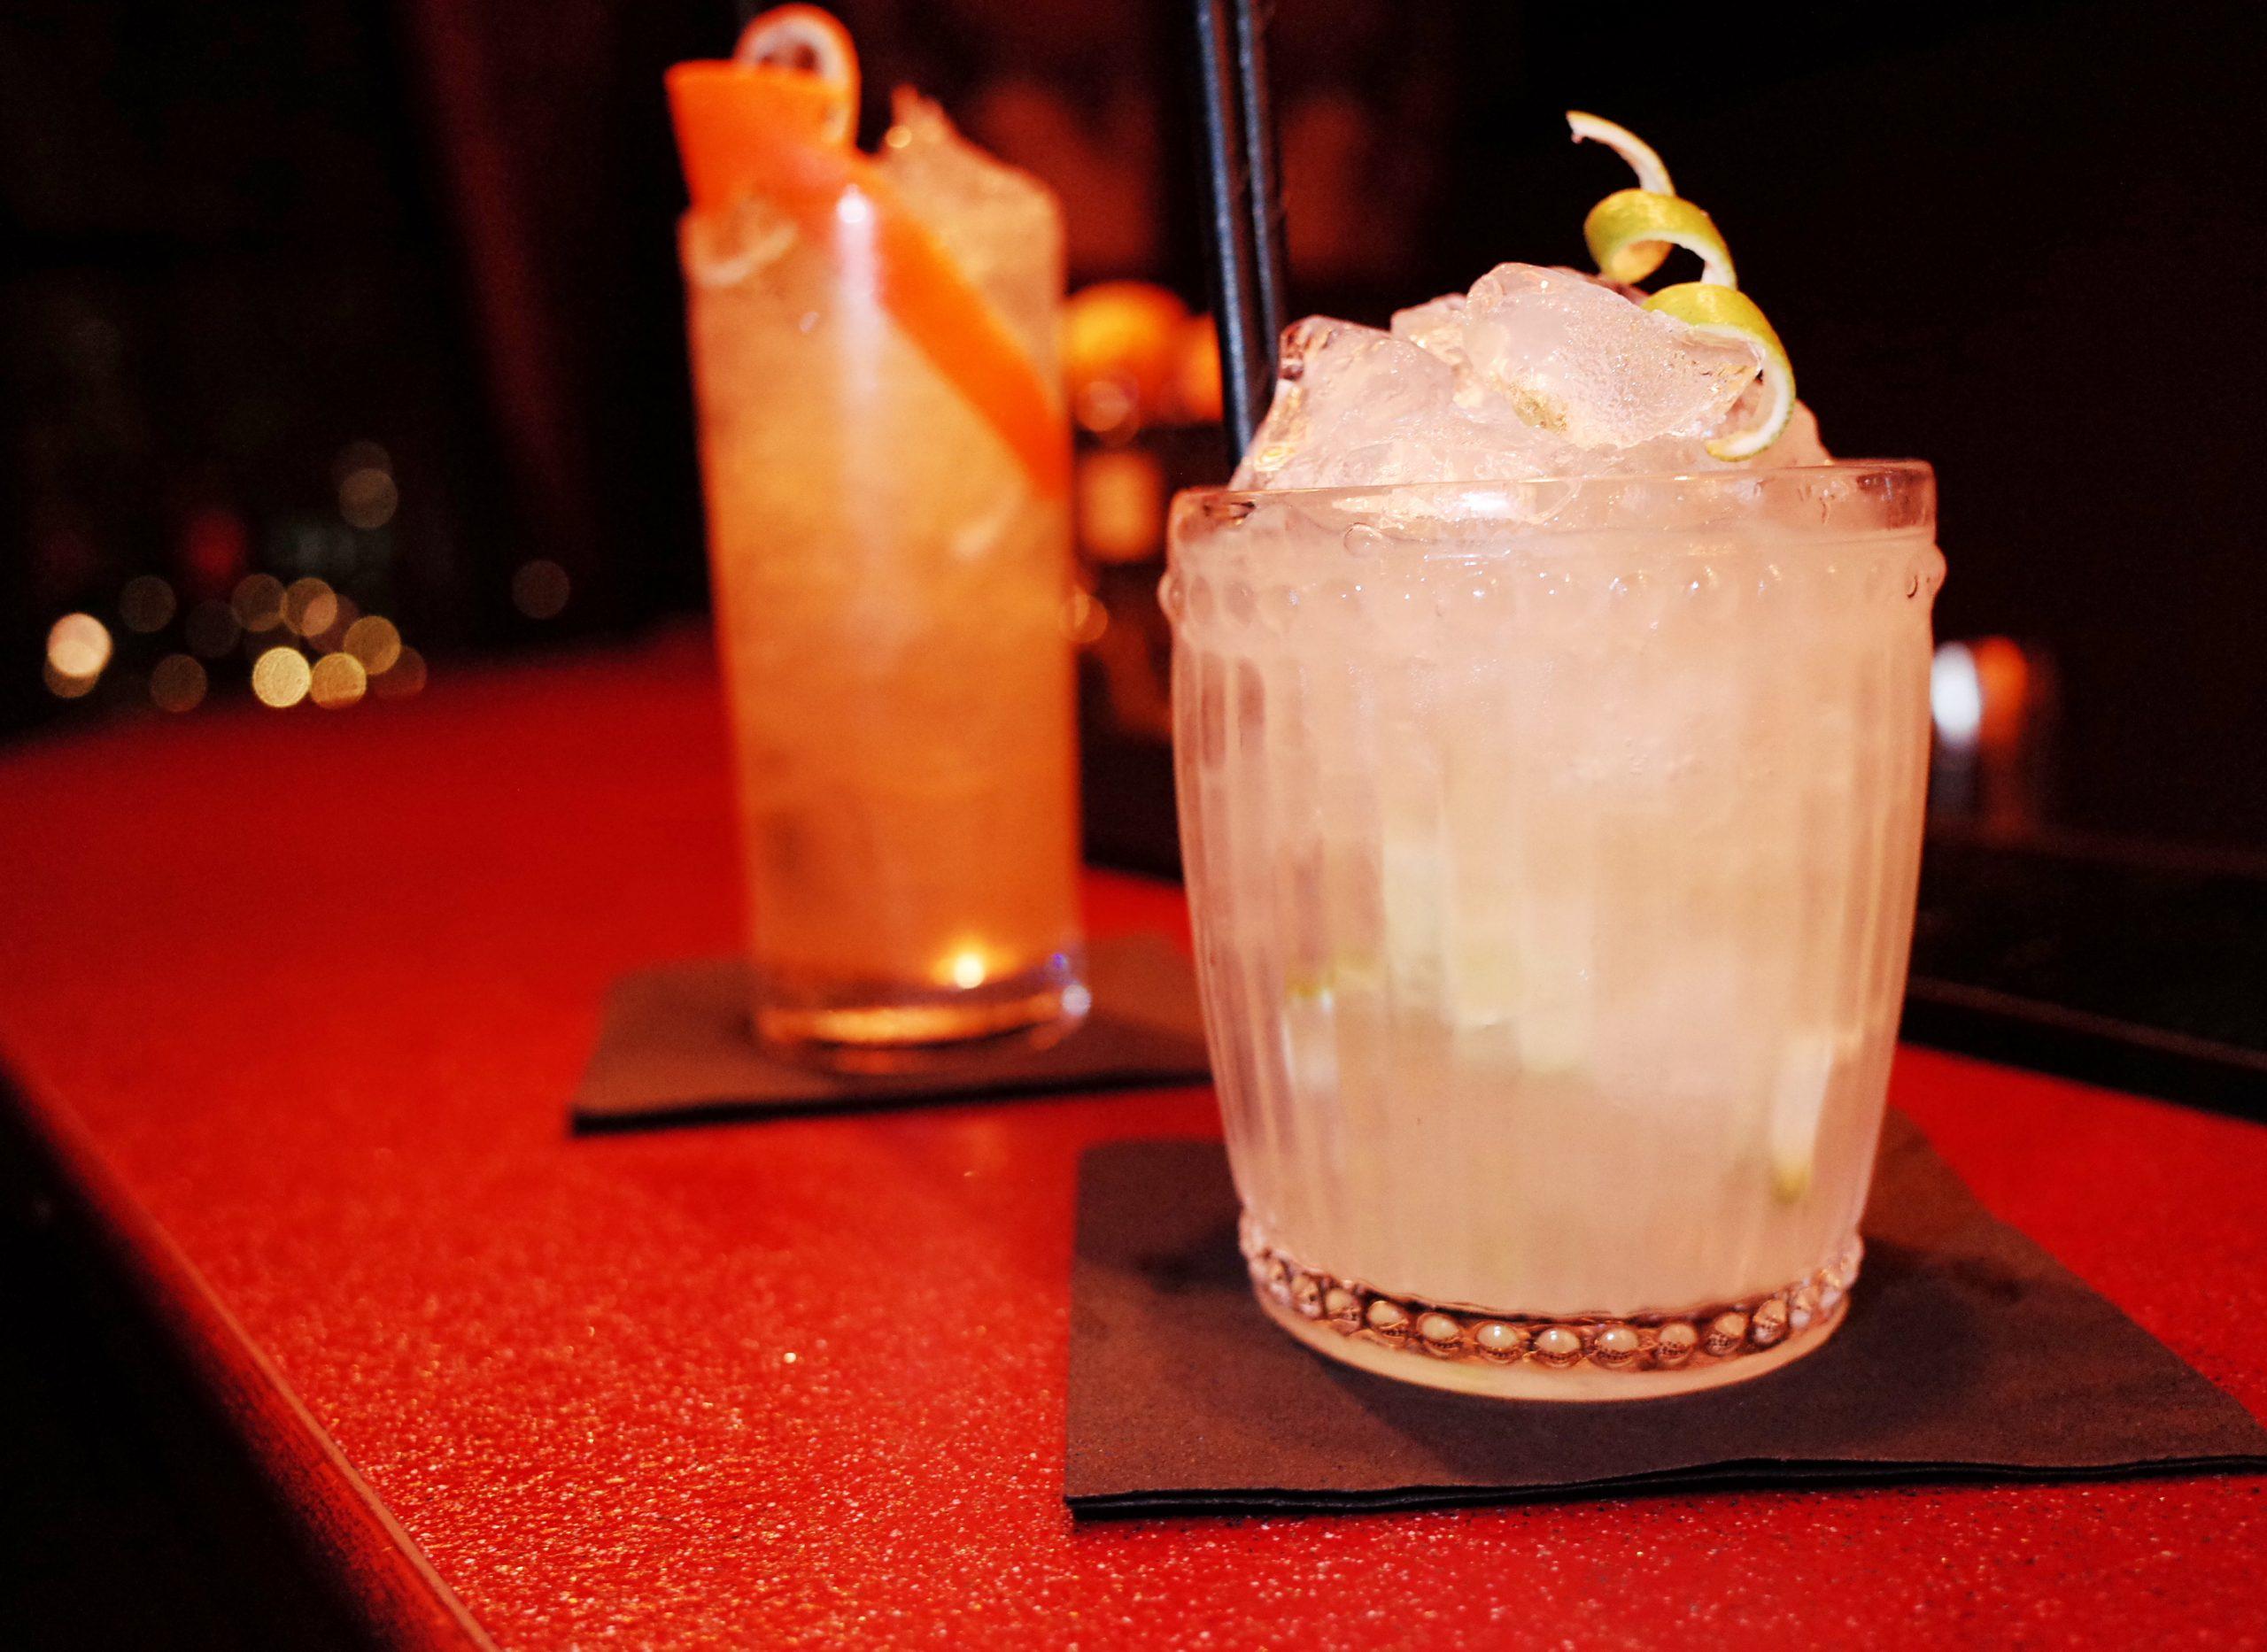 pre-club bar in brighton